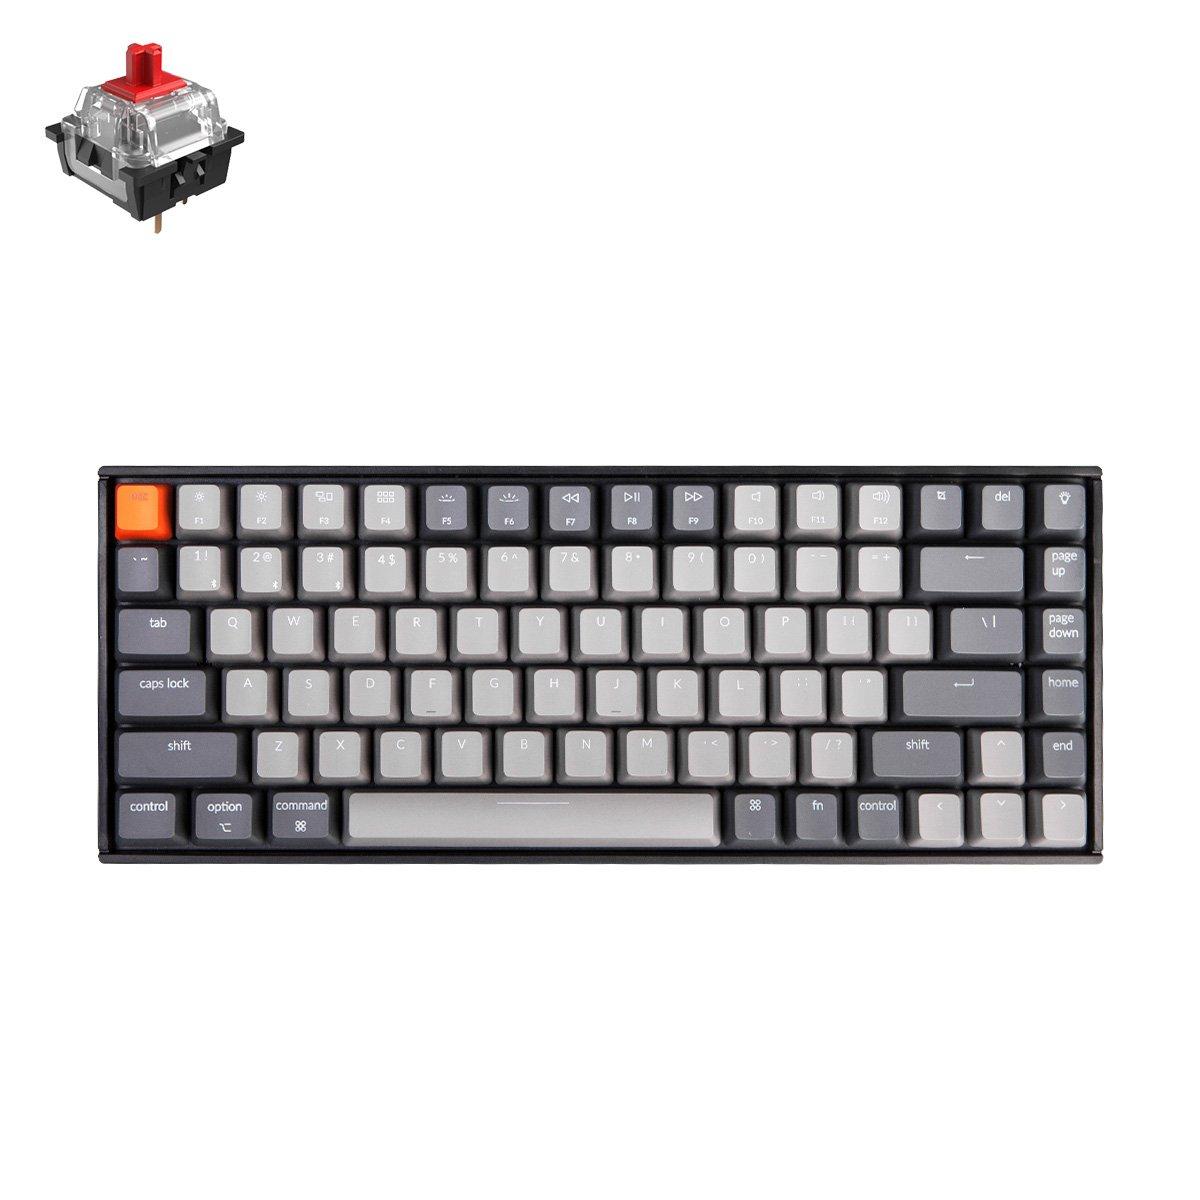 Keychron K2 84键全功能无线机械键盘, 专为MacOS优化